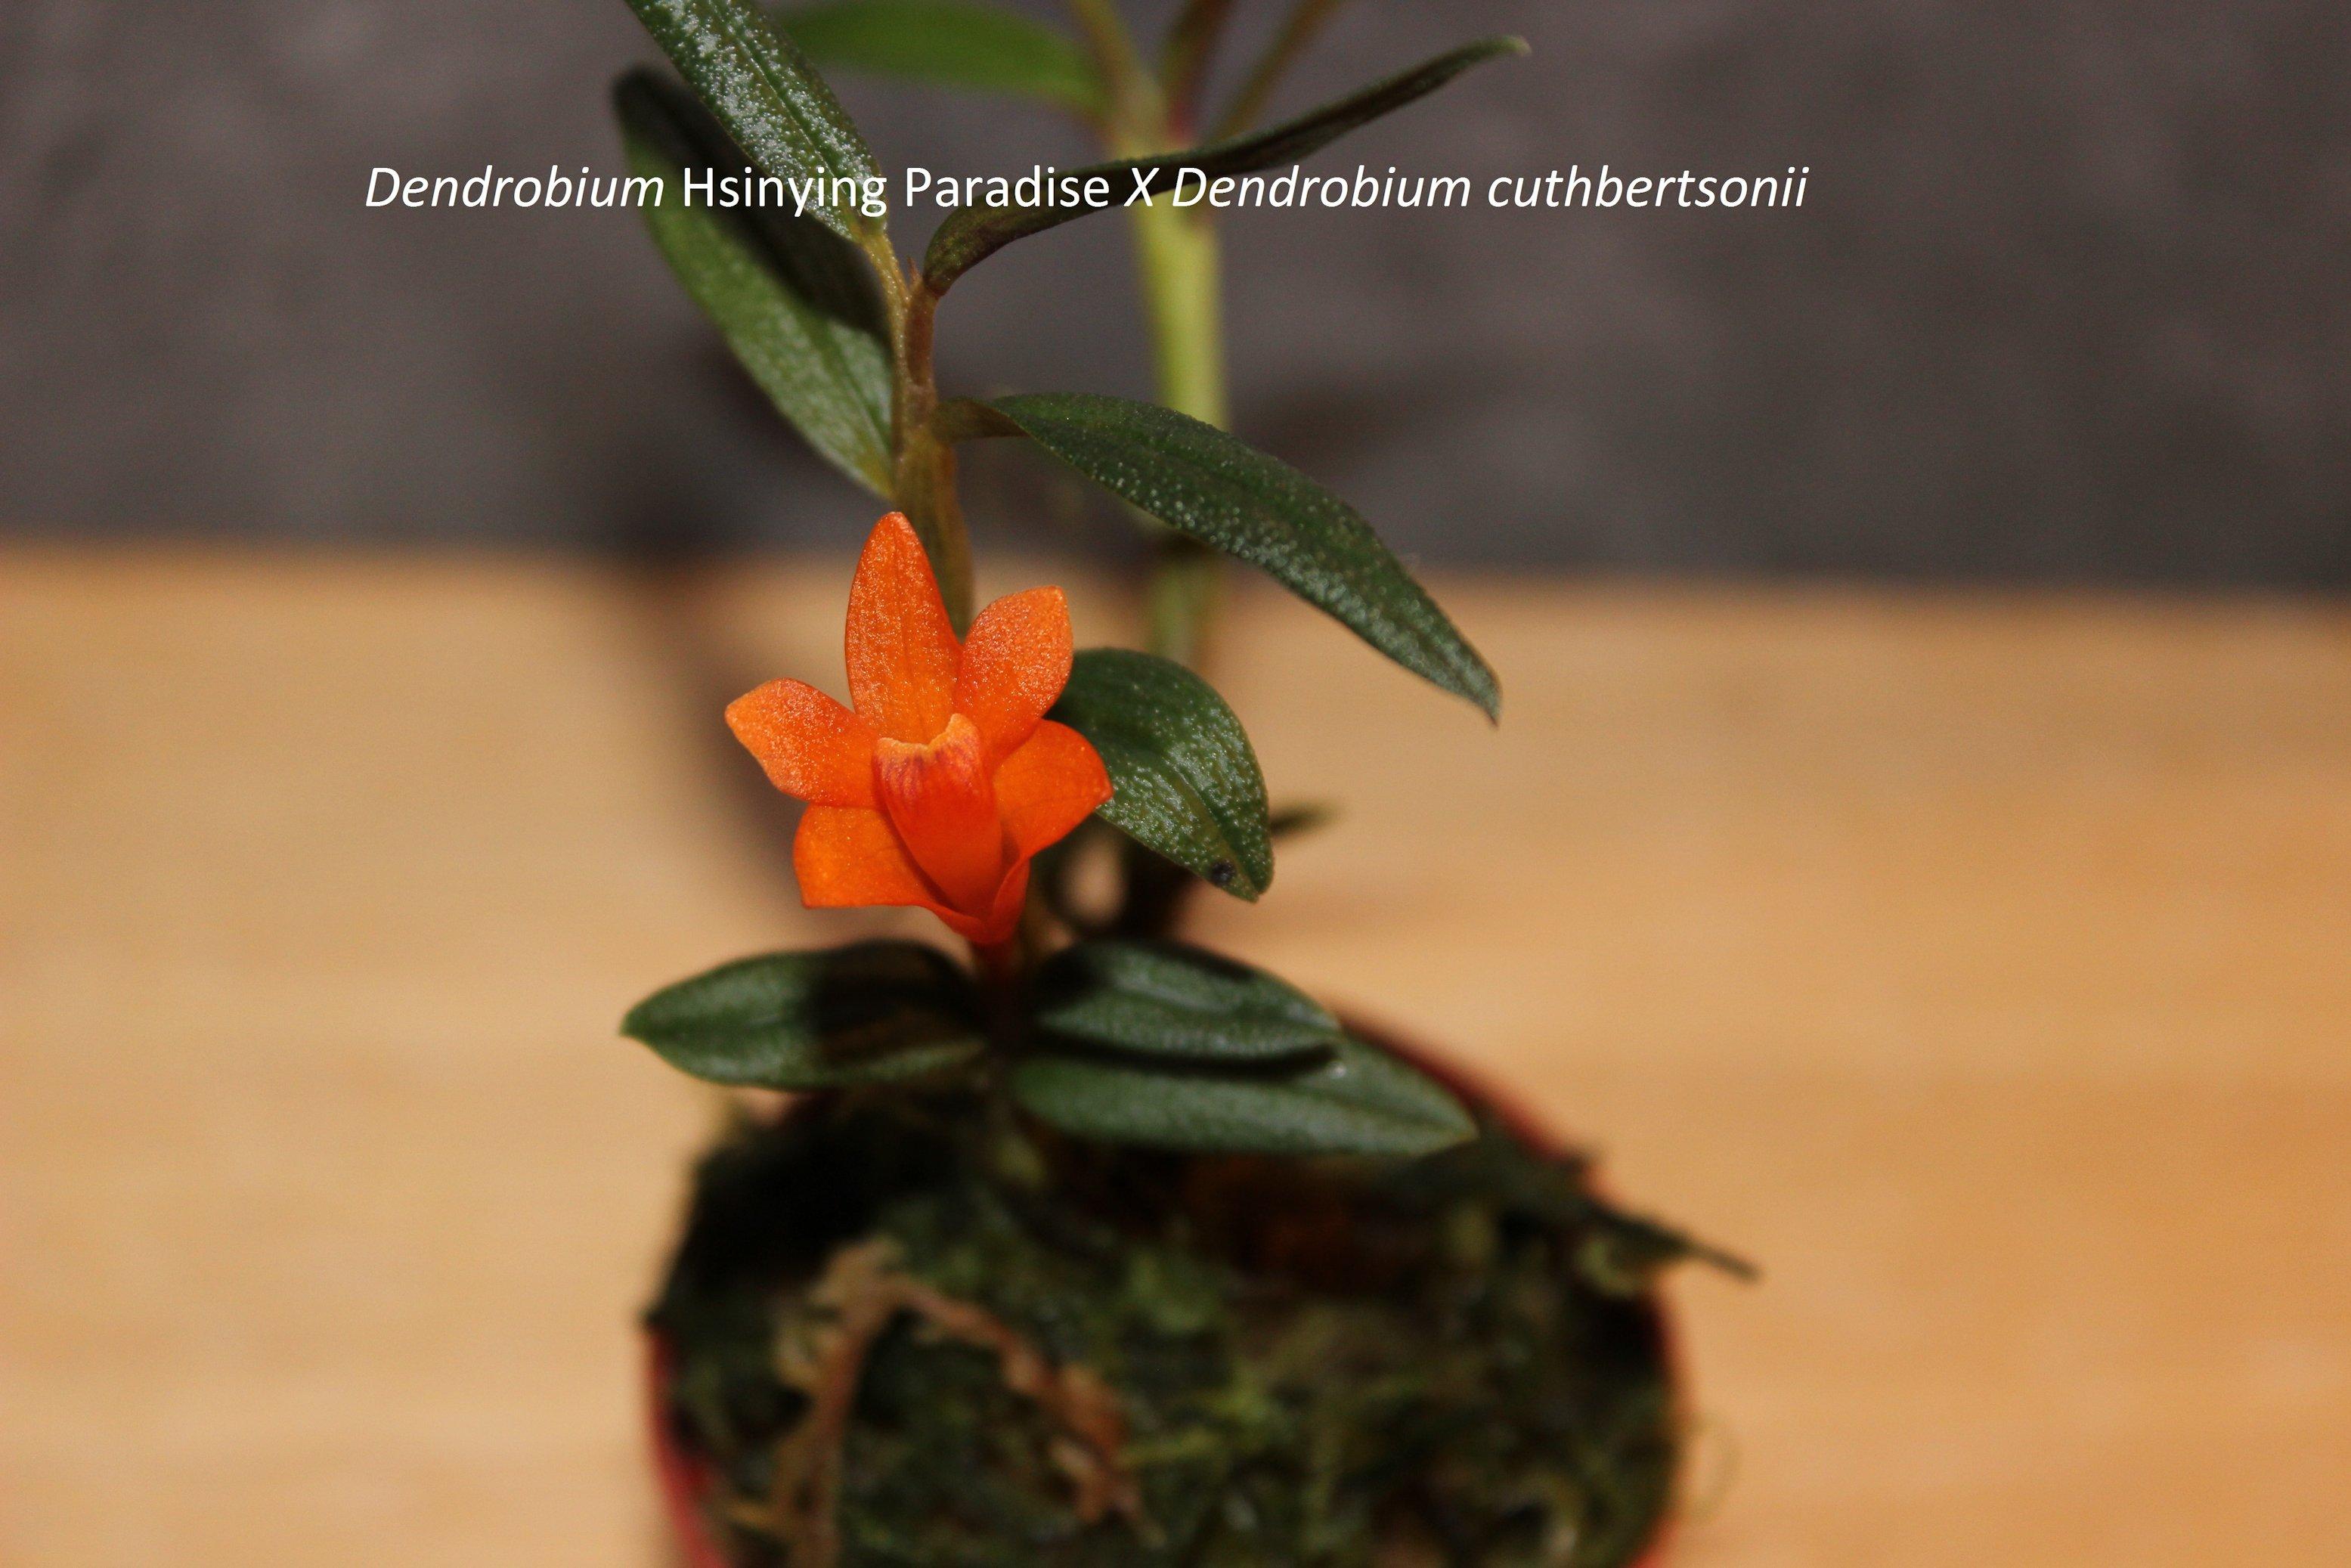 Dendrobium hybride 170509082203748331